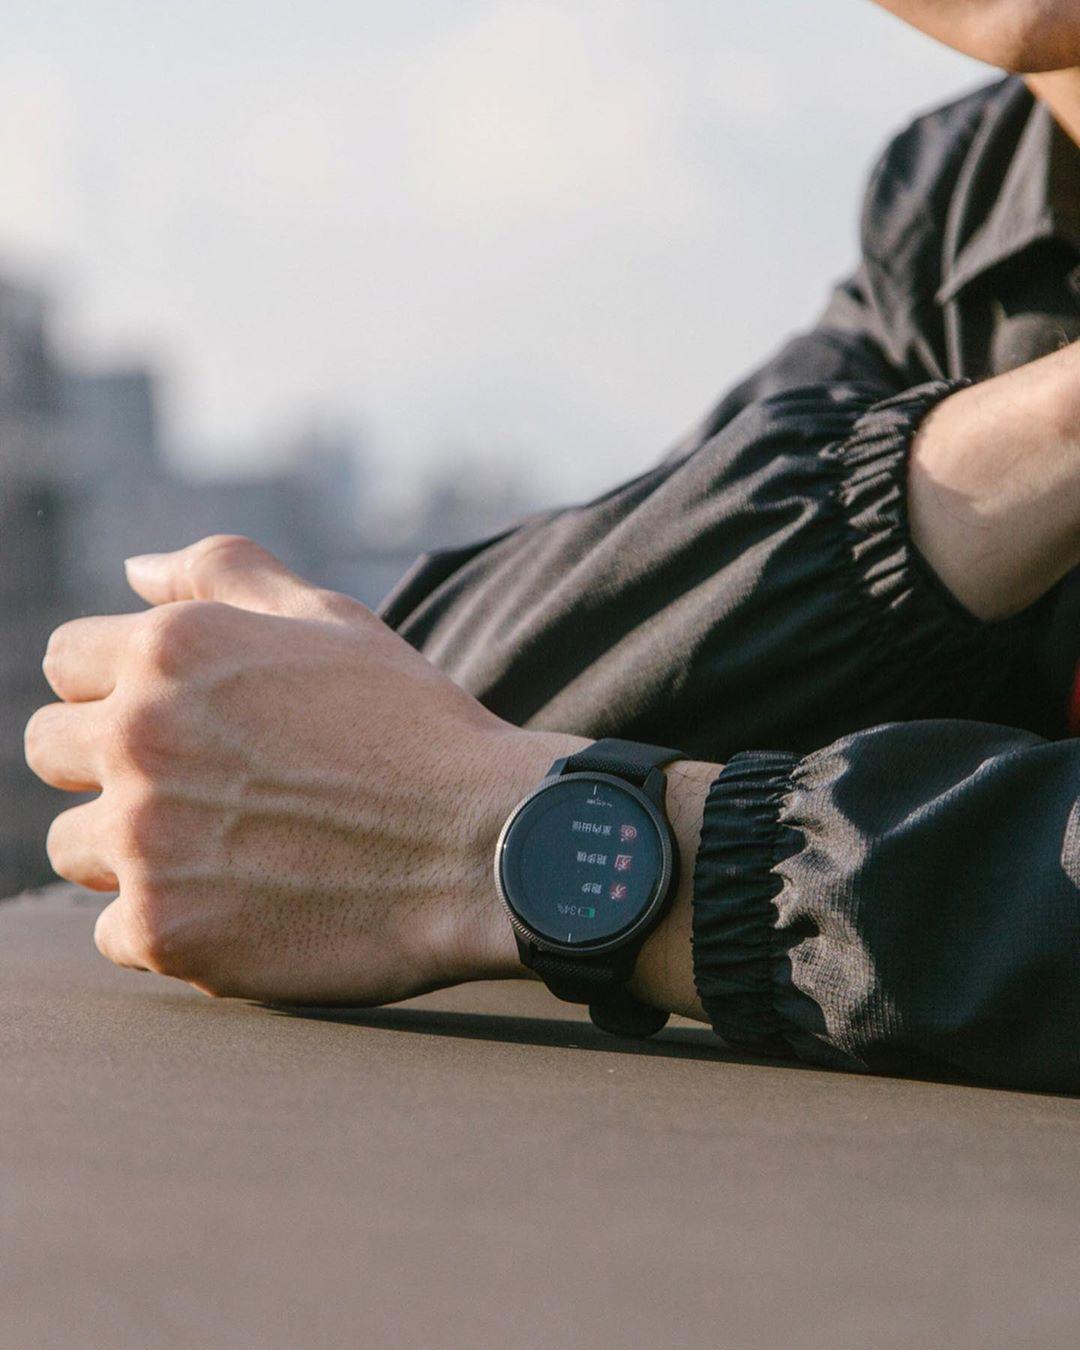 Rekam Semua Cara Bergerak Dengan Lebih Dari 20 Gps Yang Sudah Dimuat Sebelumnya Dan Aplikasi Olahraga Dalam Ruangan Termasuk Smartwatch Gym Jam Tangan Pintar